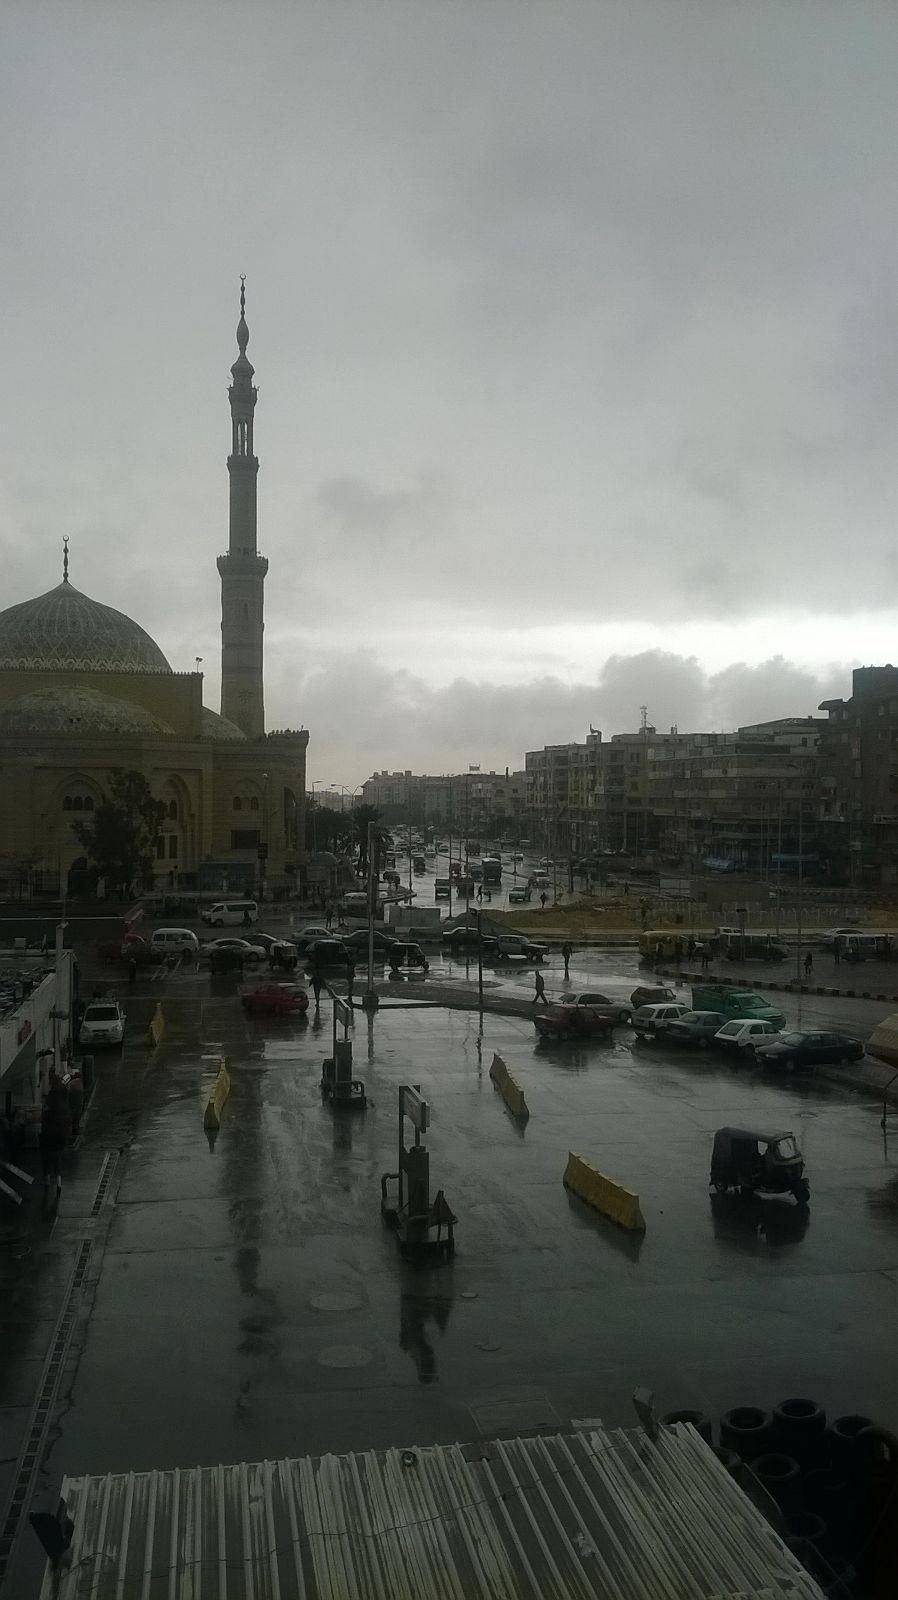 أمطار غزيرة في «6 أكتوبر».. وموجة البرد تنكسر الجمعة وتعود الاثنين